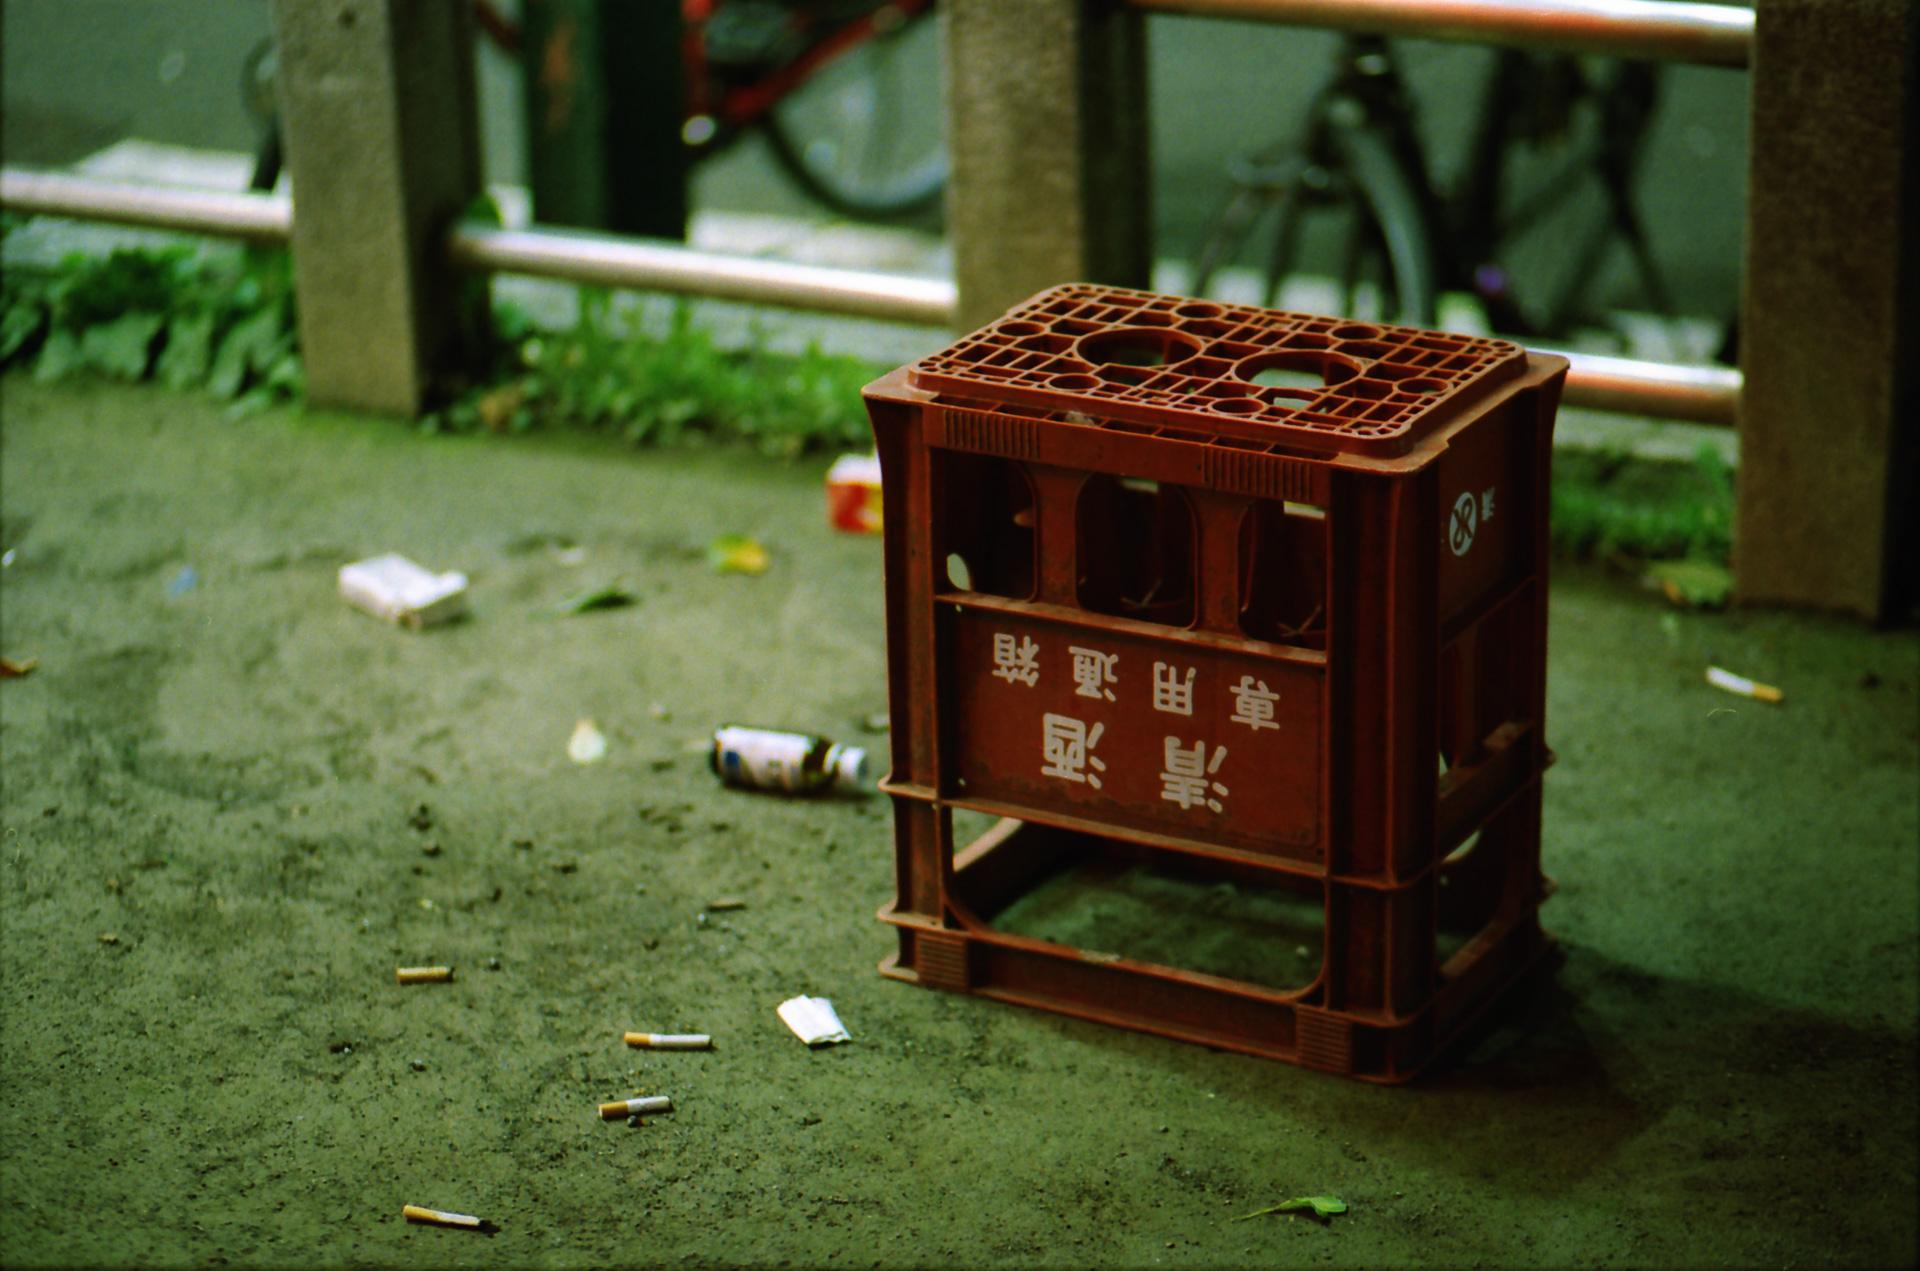 歌舞伎町 ビールケース Canon EOS-1, EF 85mm F1.8 USM, Lomography 800